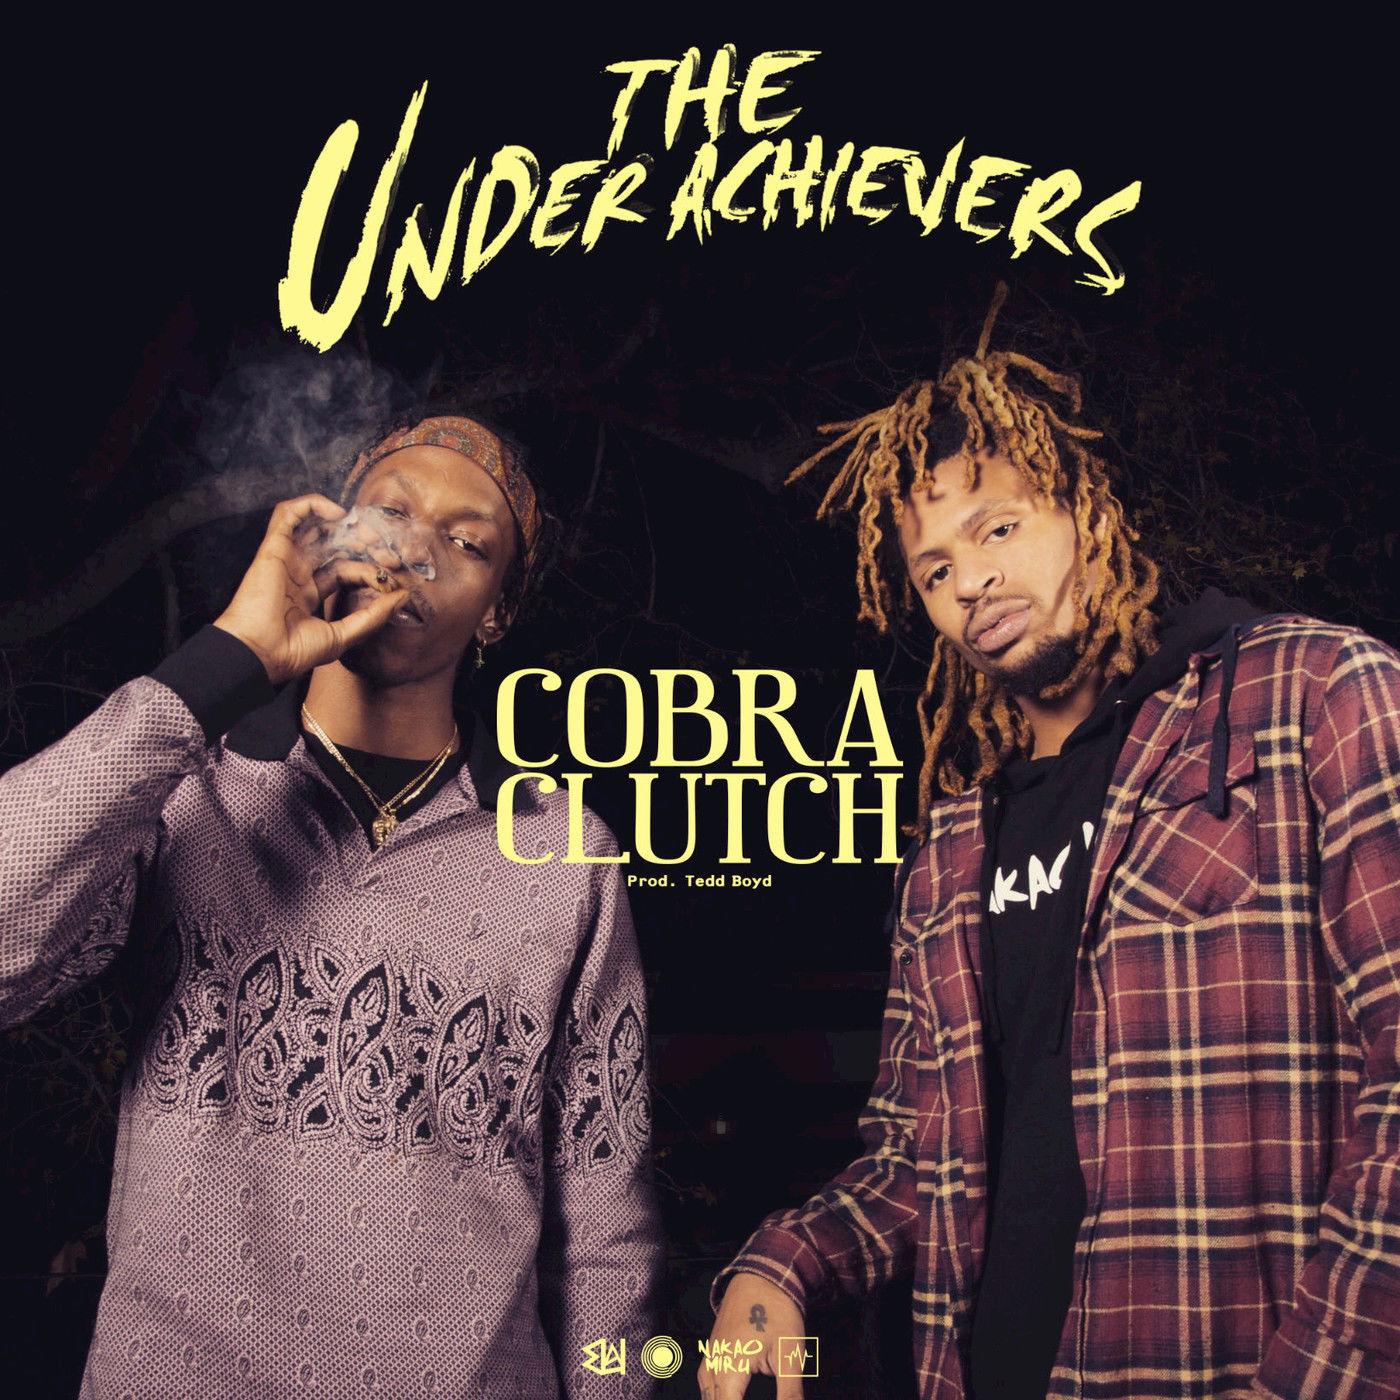 The Underachievers - Cobra Clutch - Single Cover